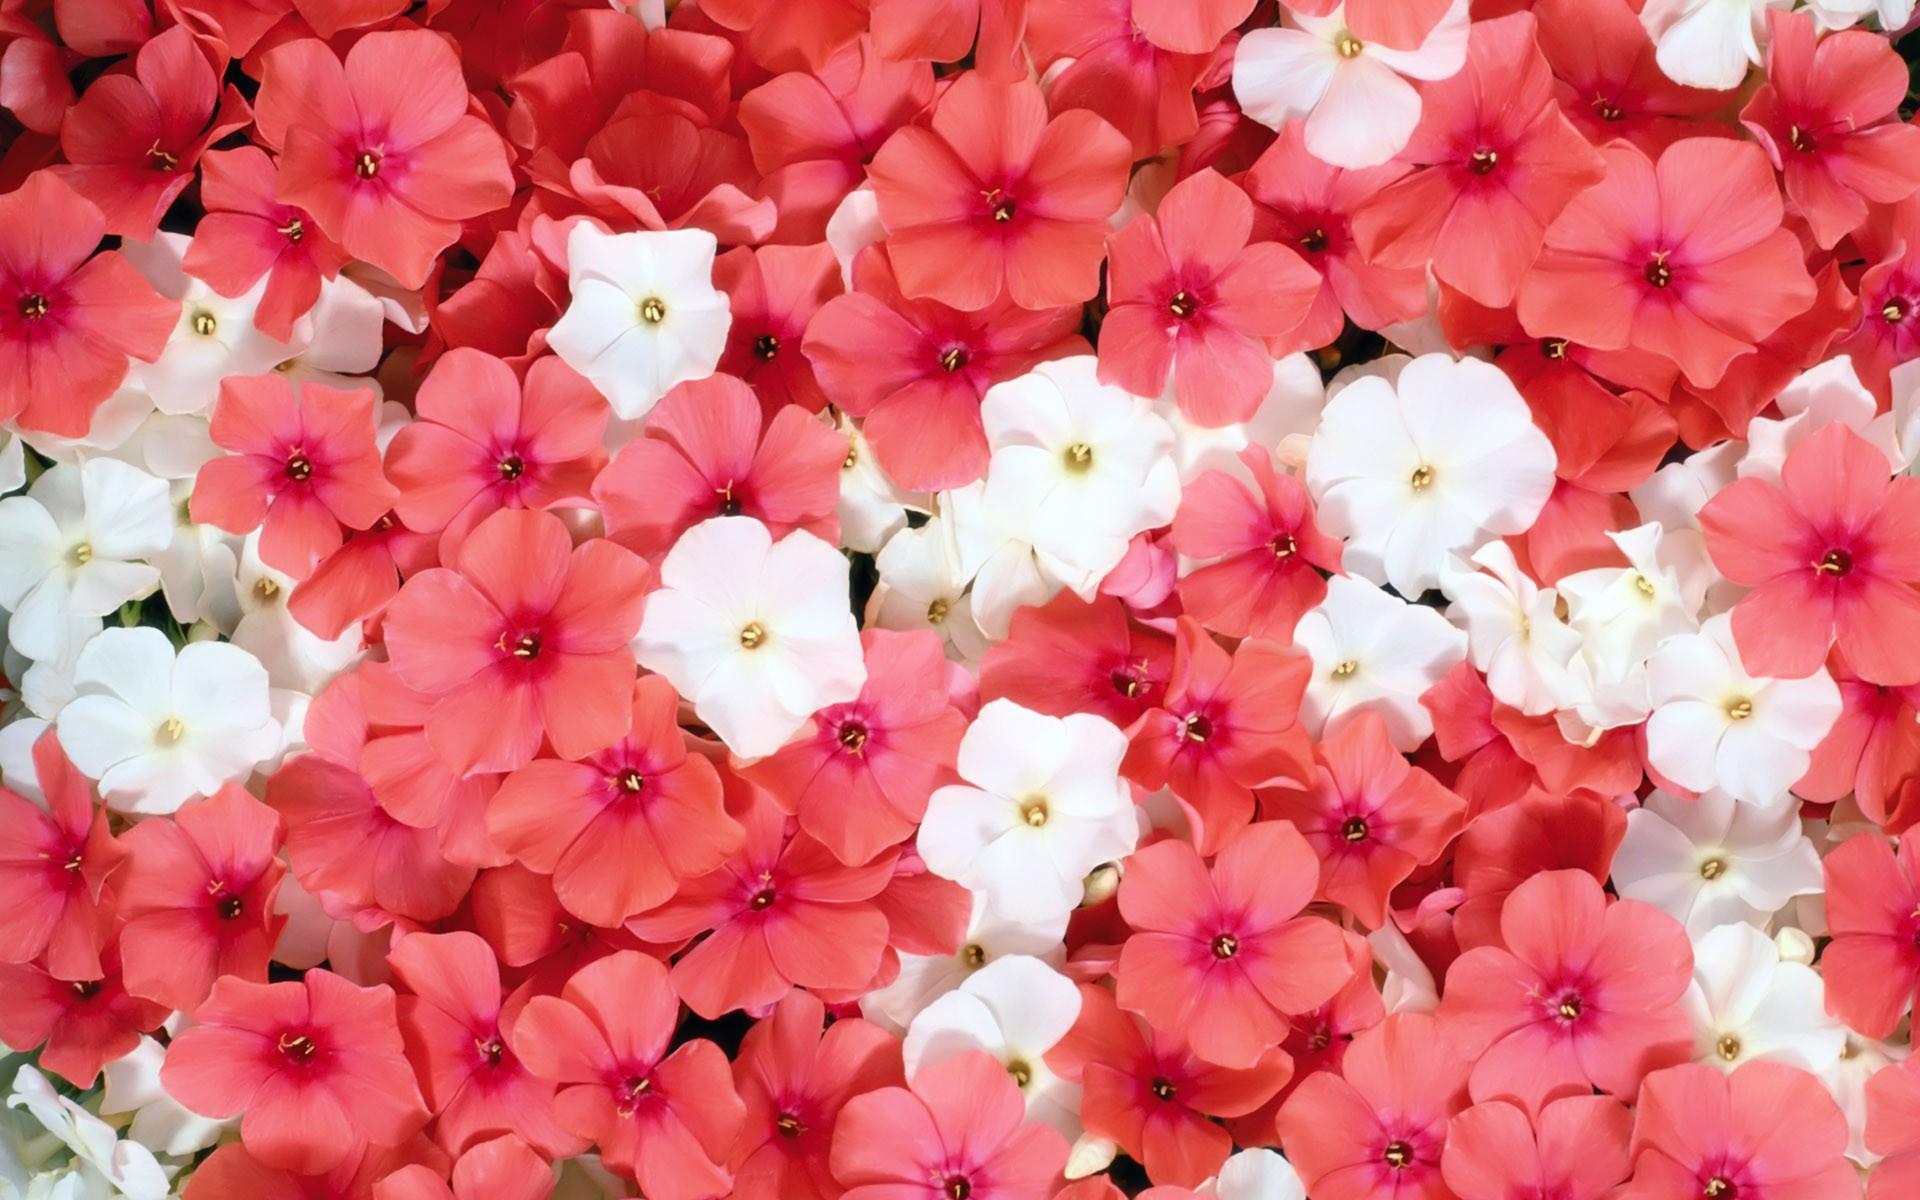 Flores blanca y rojas - 1920x1200